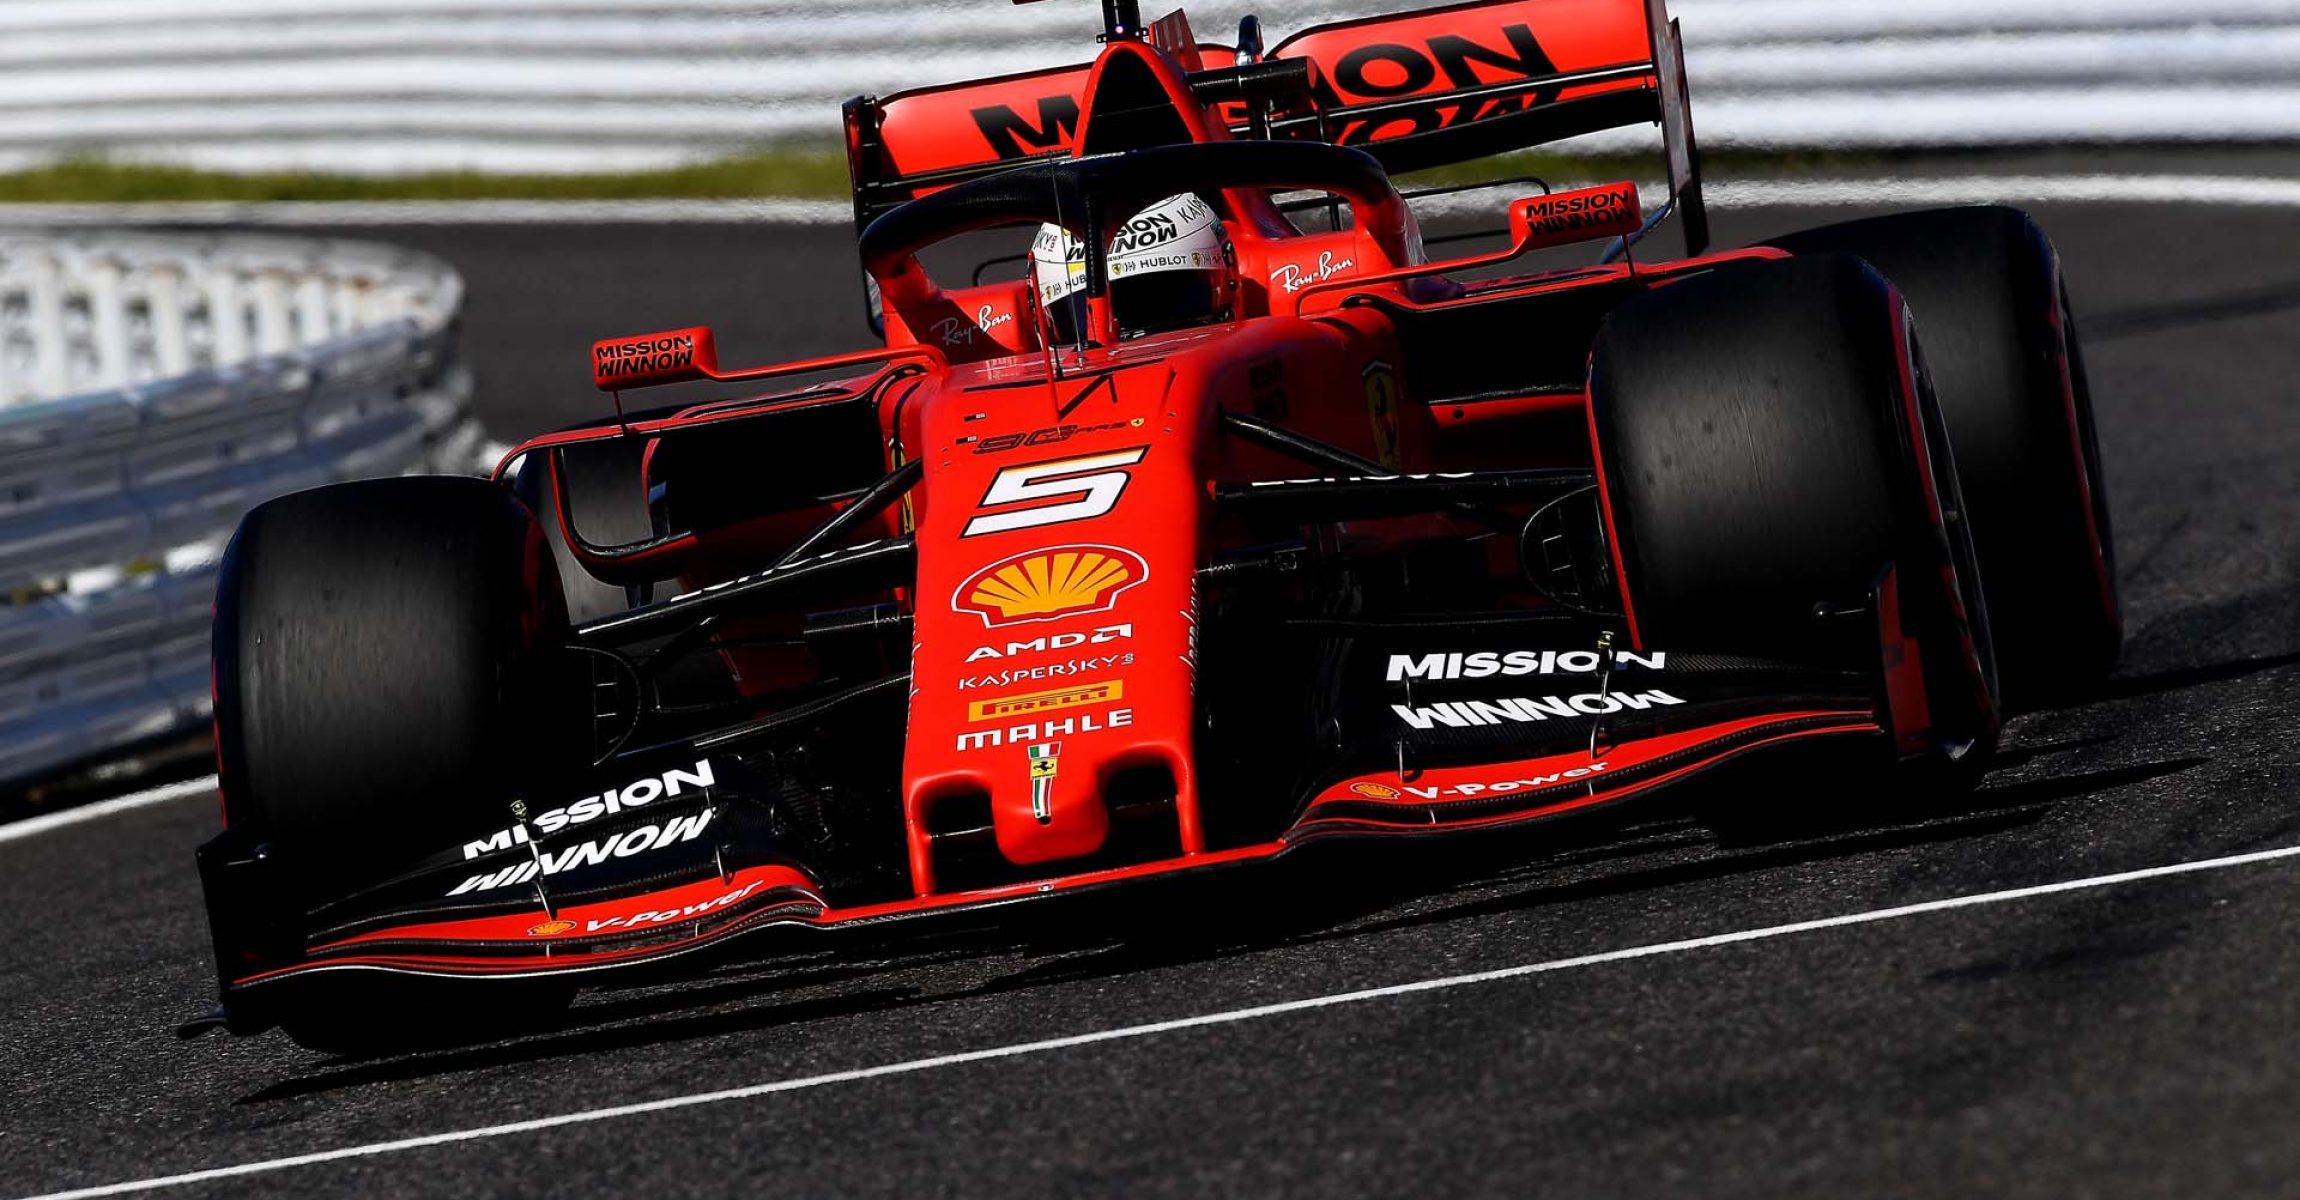 GP GIAPPONE F1/2019 -  DOMENICA 13/10/2019   credit: @Scuderia Ferrari Press Office Sebastian Vettel